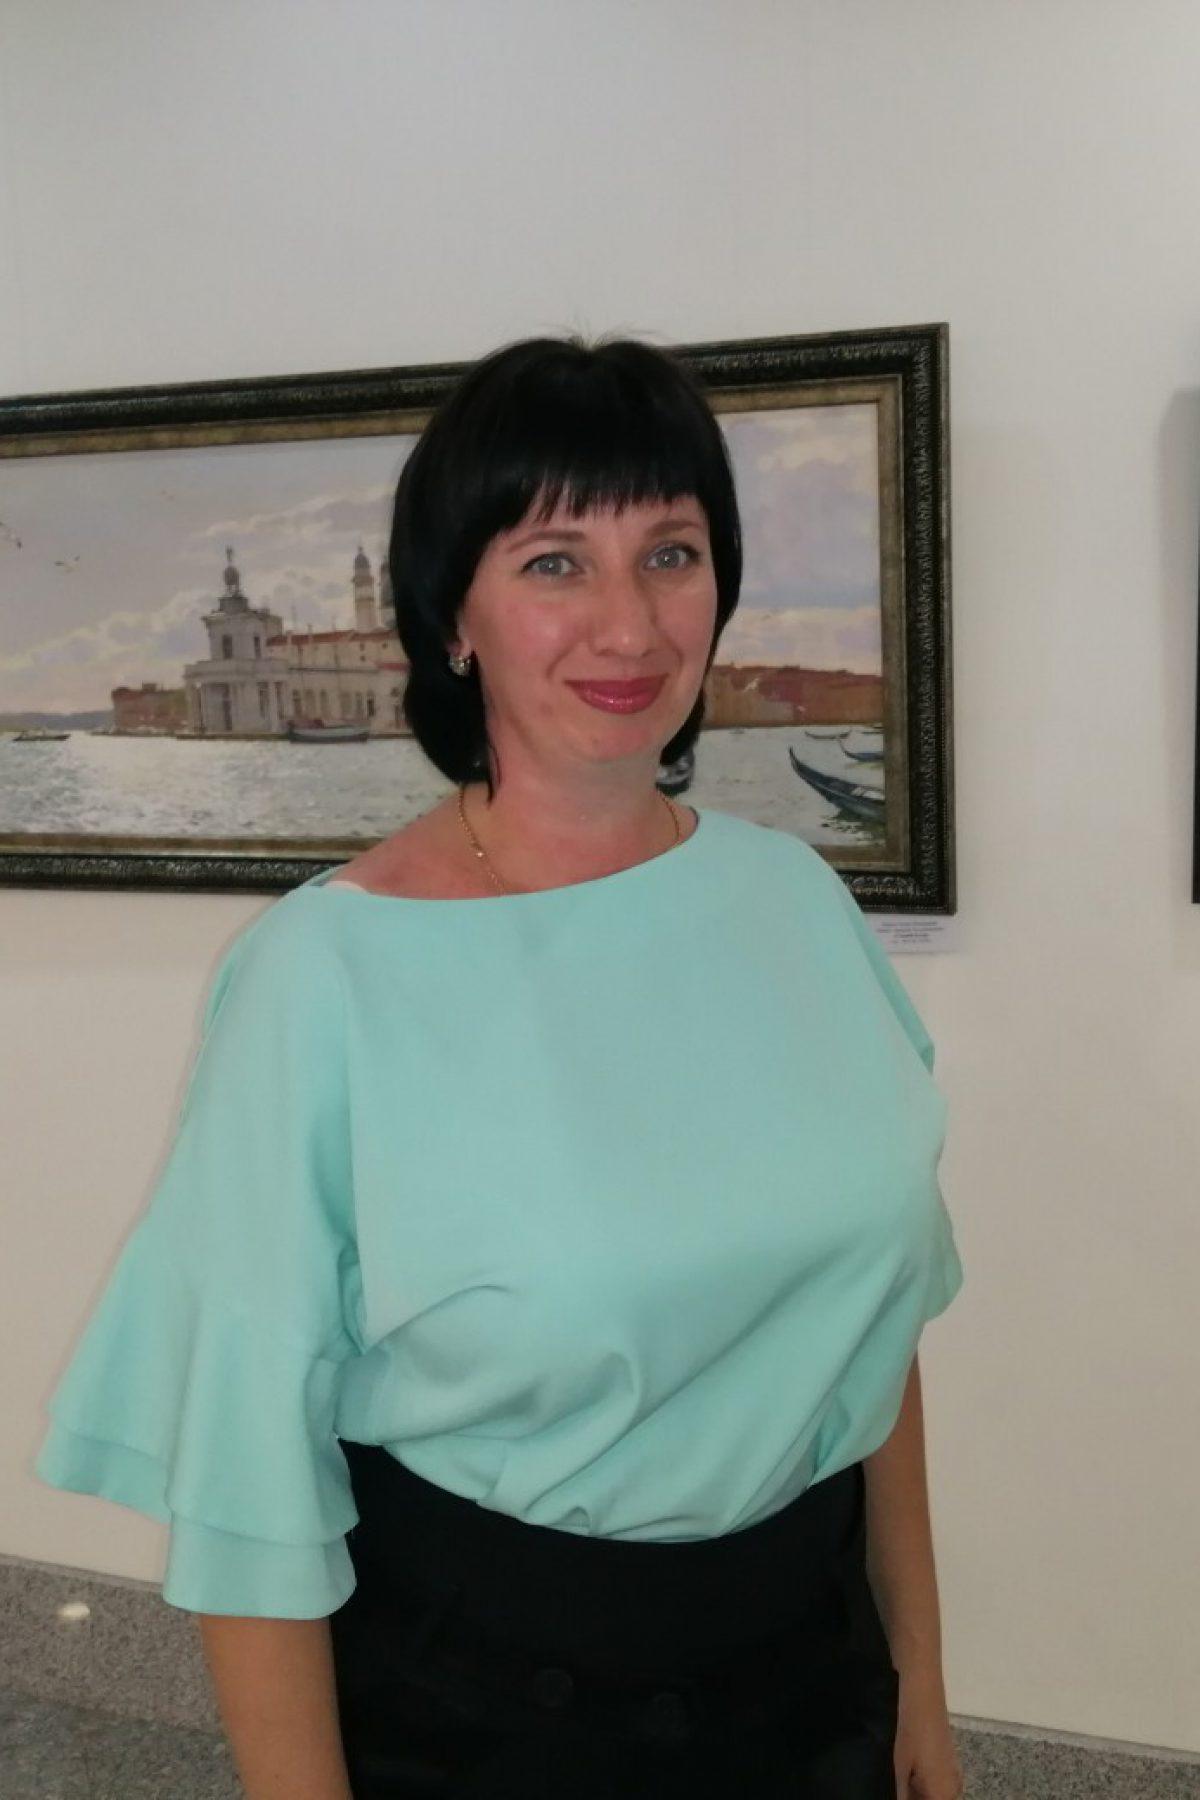 Сироткина Марина Владимировна, заместитель директора по работе с сельскими учреждениями